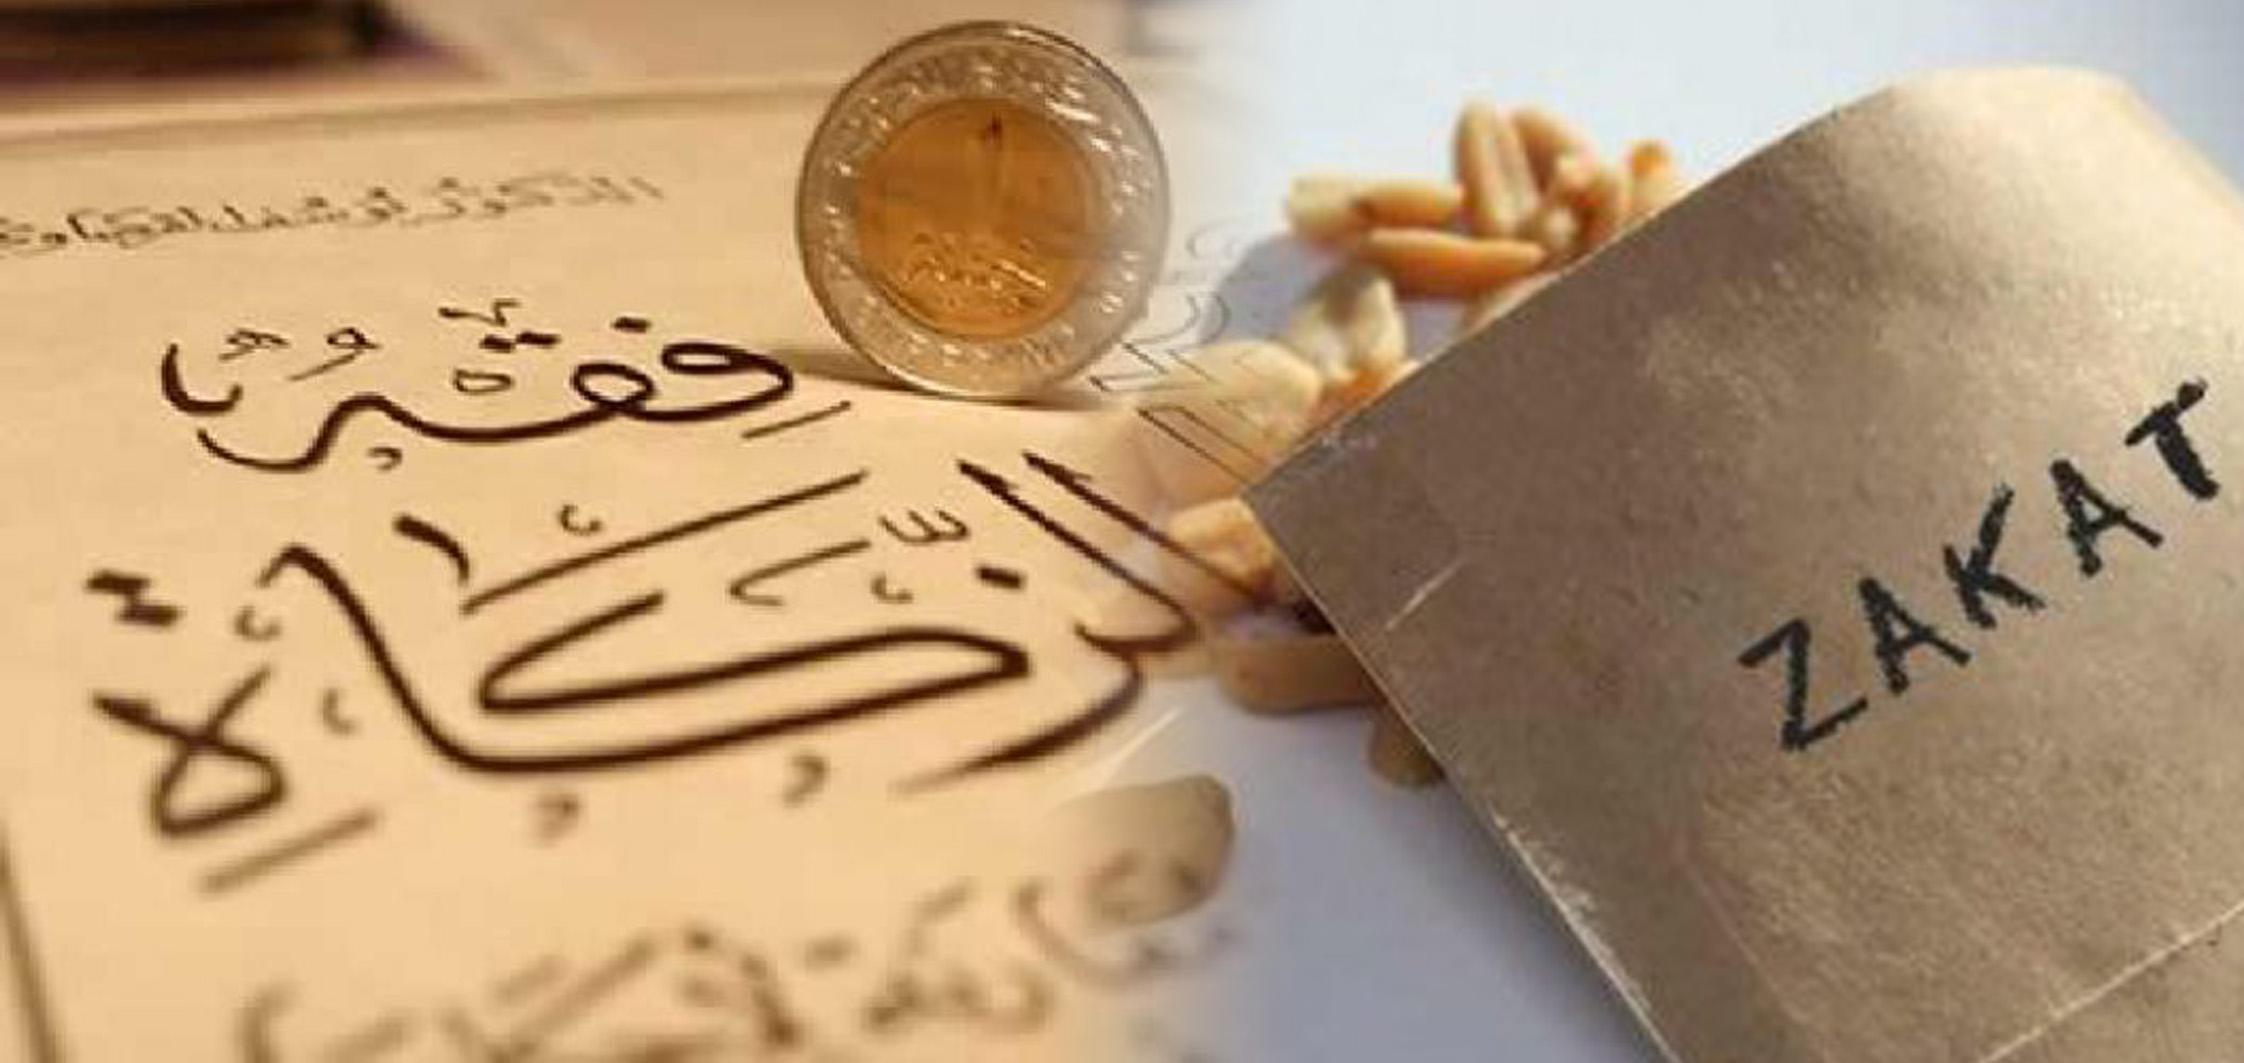 Begini perkembangan kewajiban zakat pada masa awal Islam